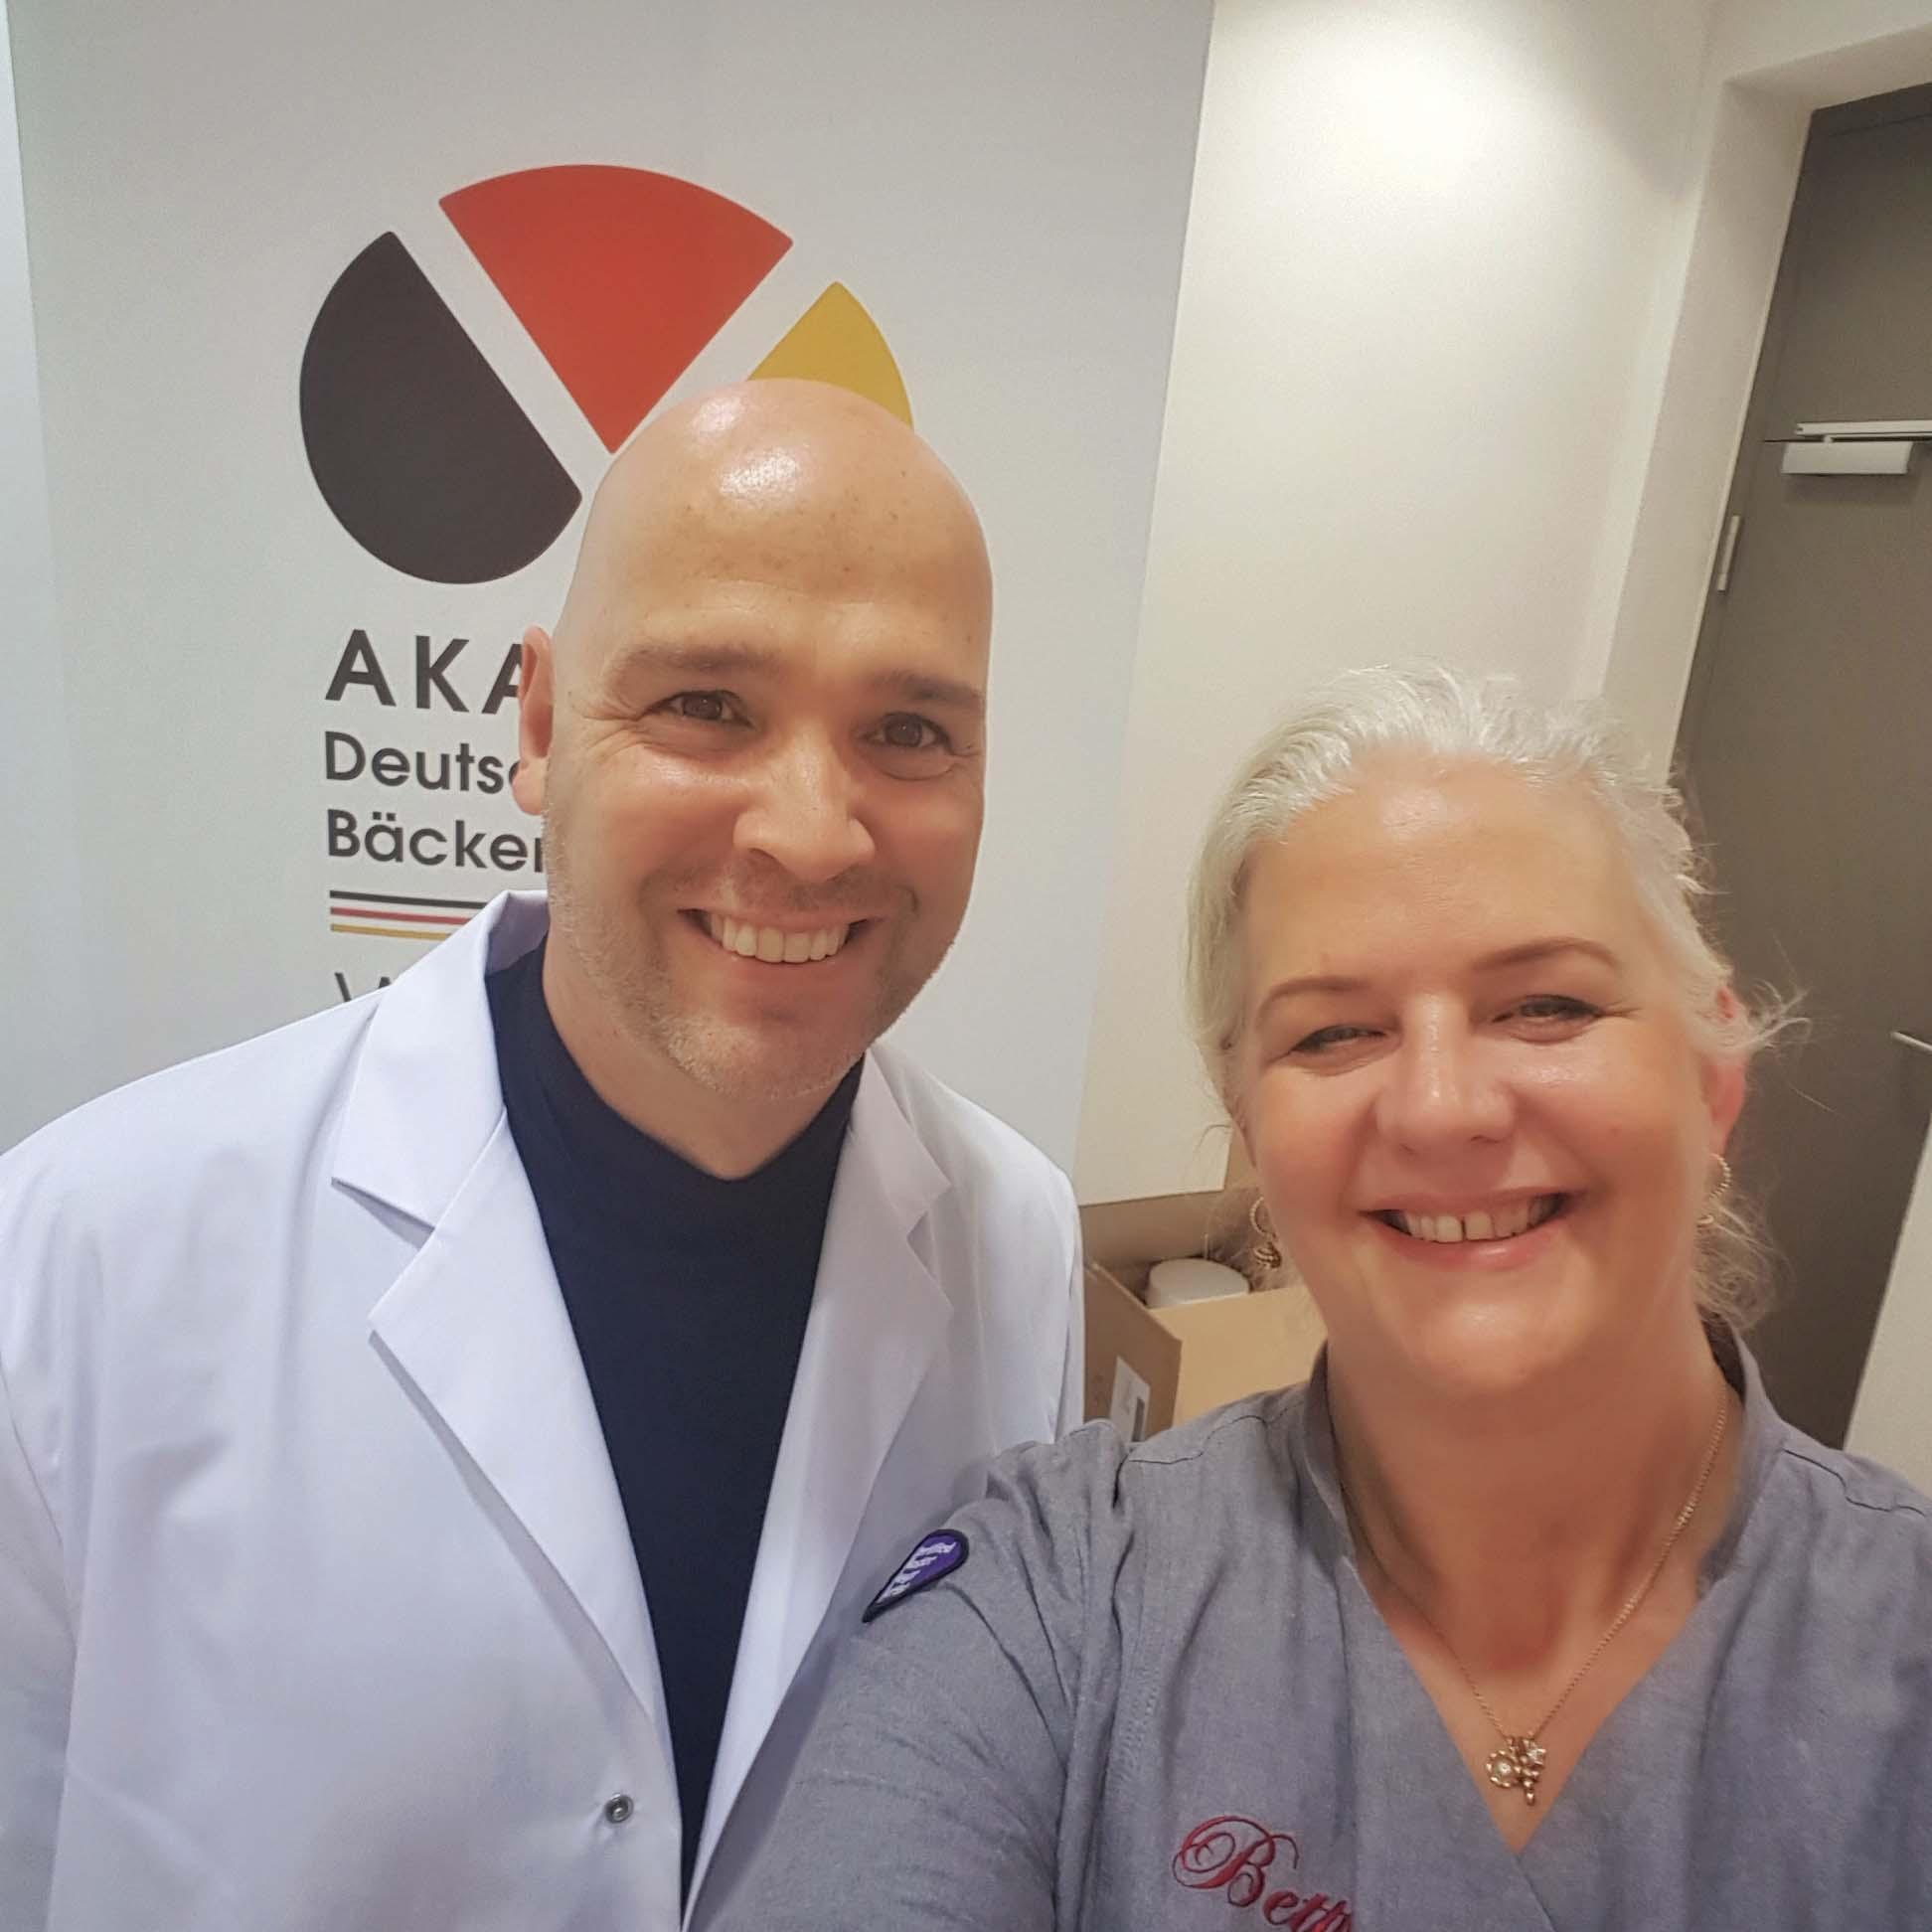 Bernd Kütscher und ich - Selfie mit dem Brotexperten